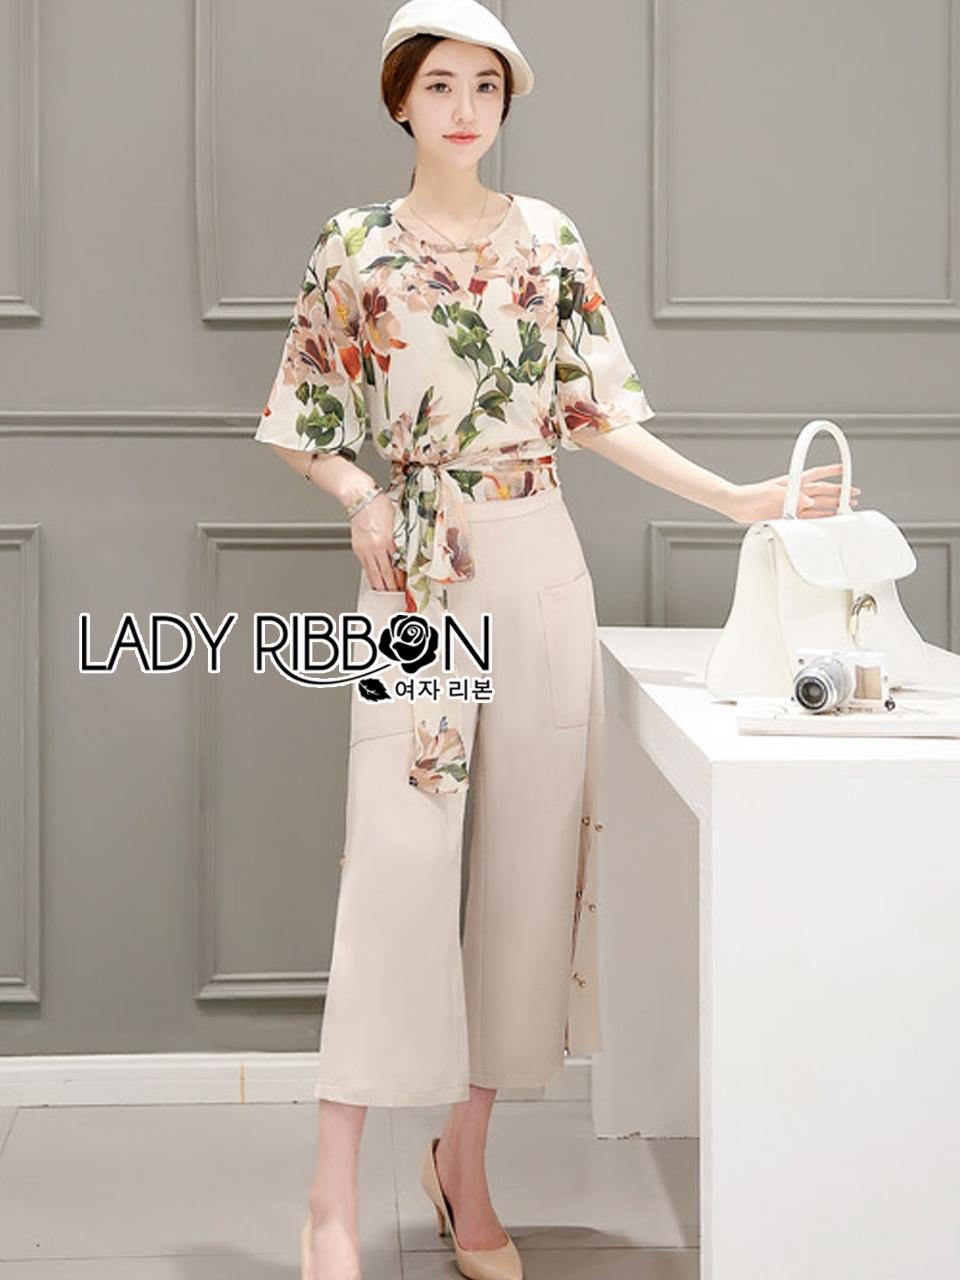 เสื้อผ้าเกาหลี พร้อมส่งเซ็ตเสื้อพิมพ์ลายดอกไม้สไตล์วินเทจและกางเกงทรง culottes ลุคนี้มาแบบเข้าชุด